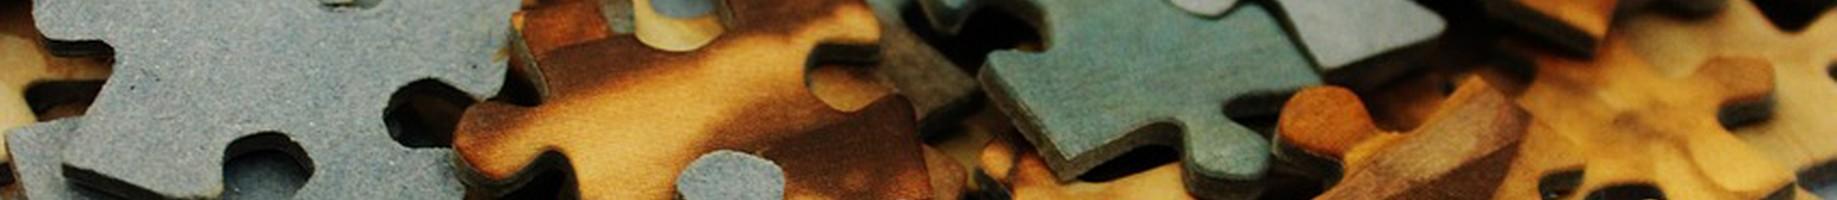 puzzle-2228073_1280